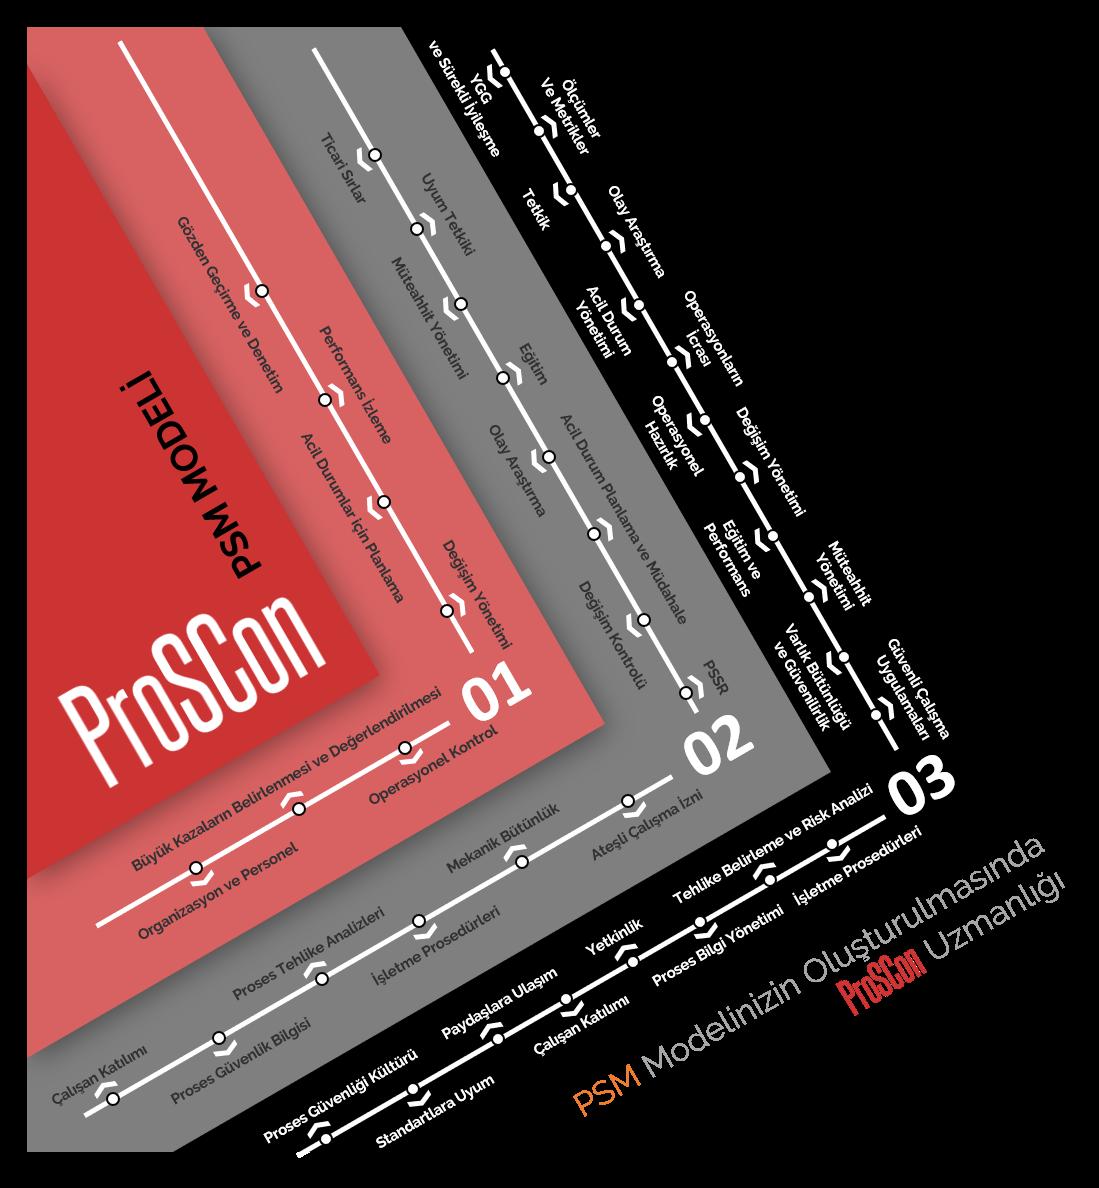 proses güvenliği yönetimi - PSM3 - Proses Güvenliği Yönetimi